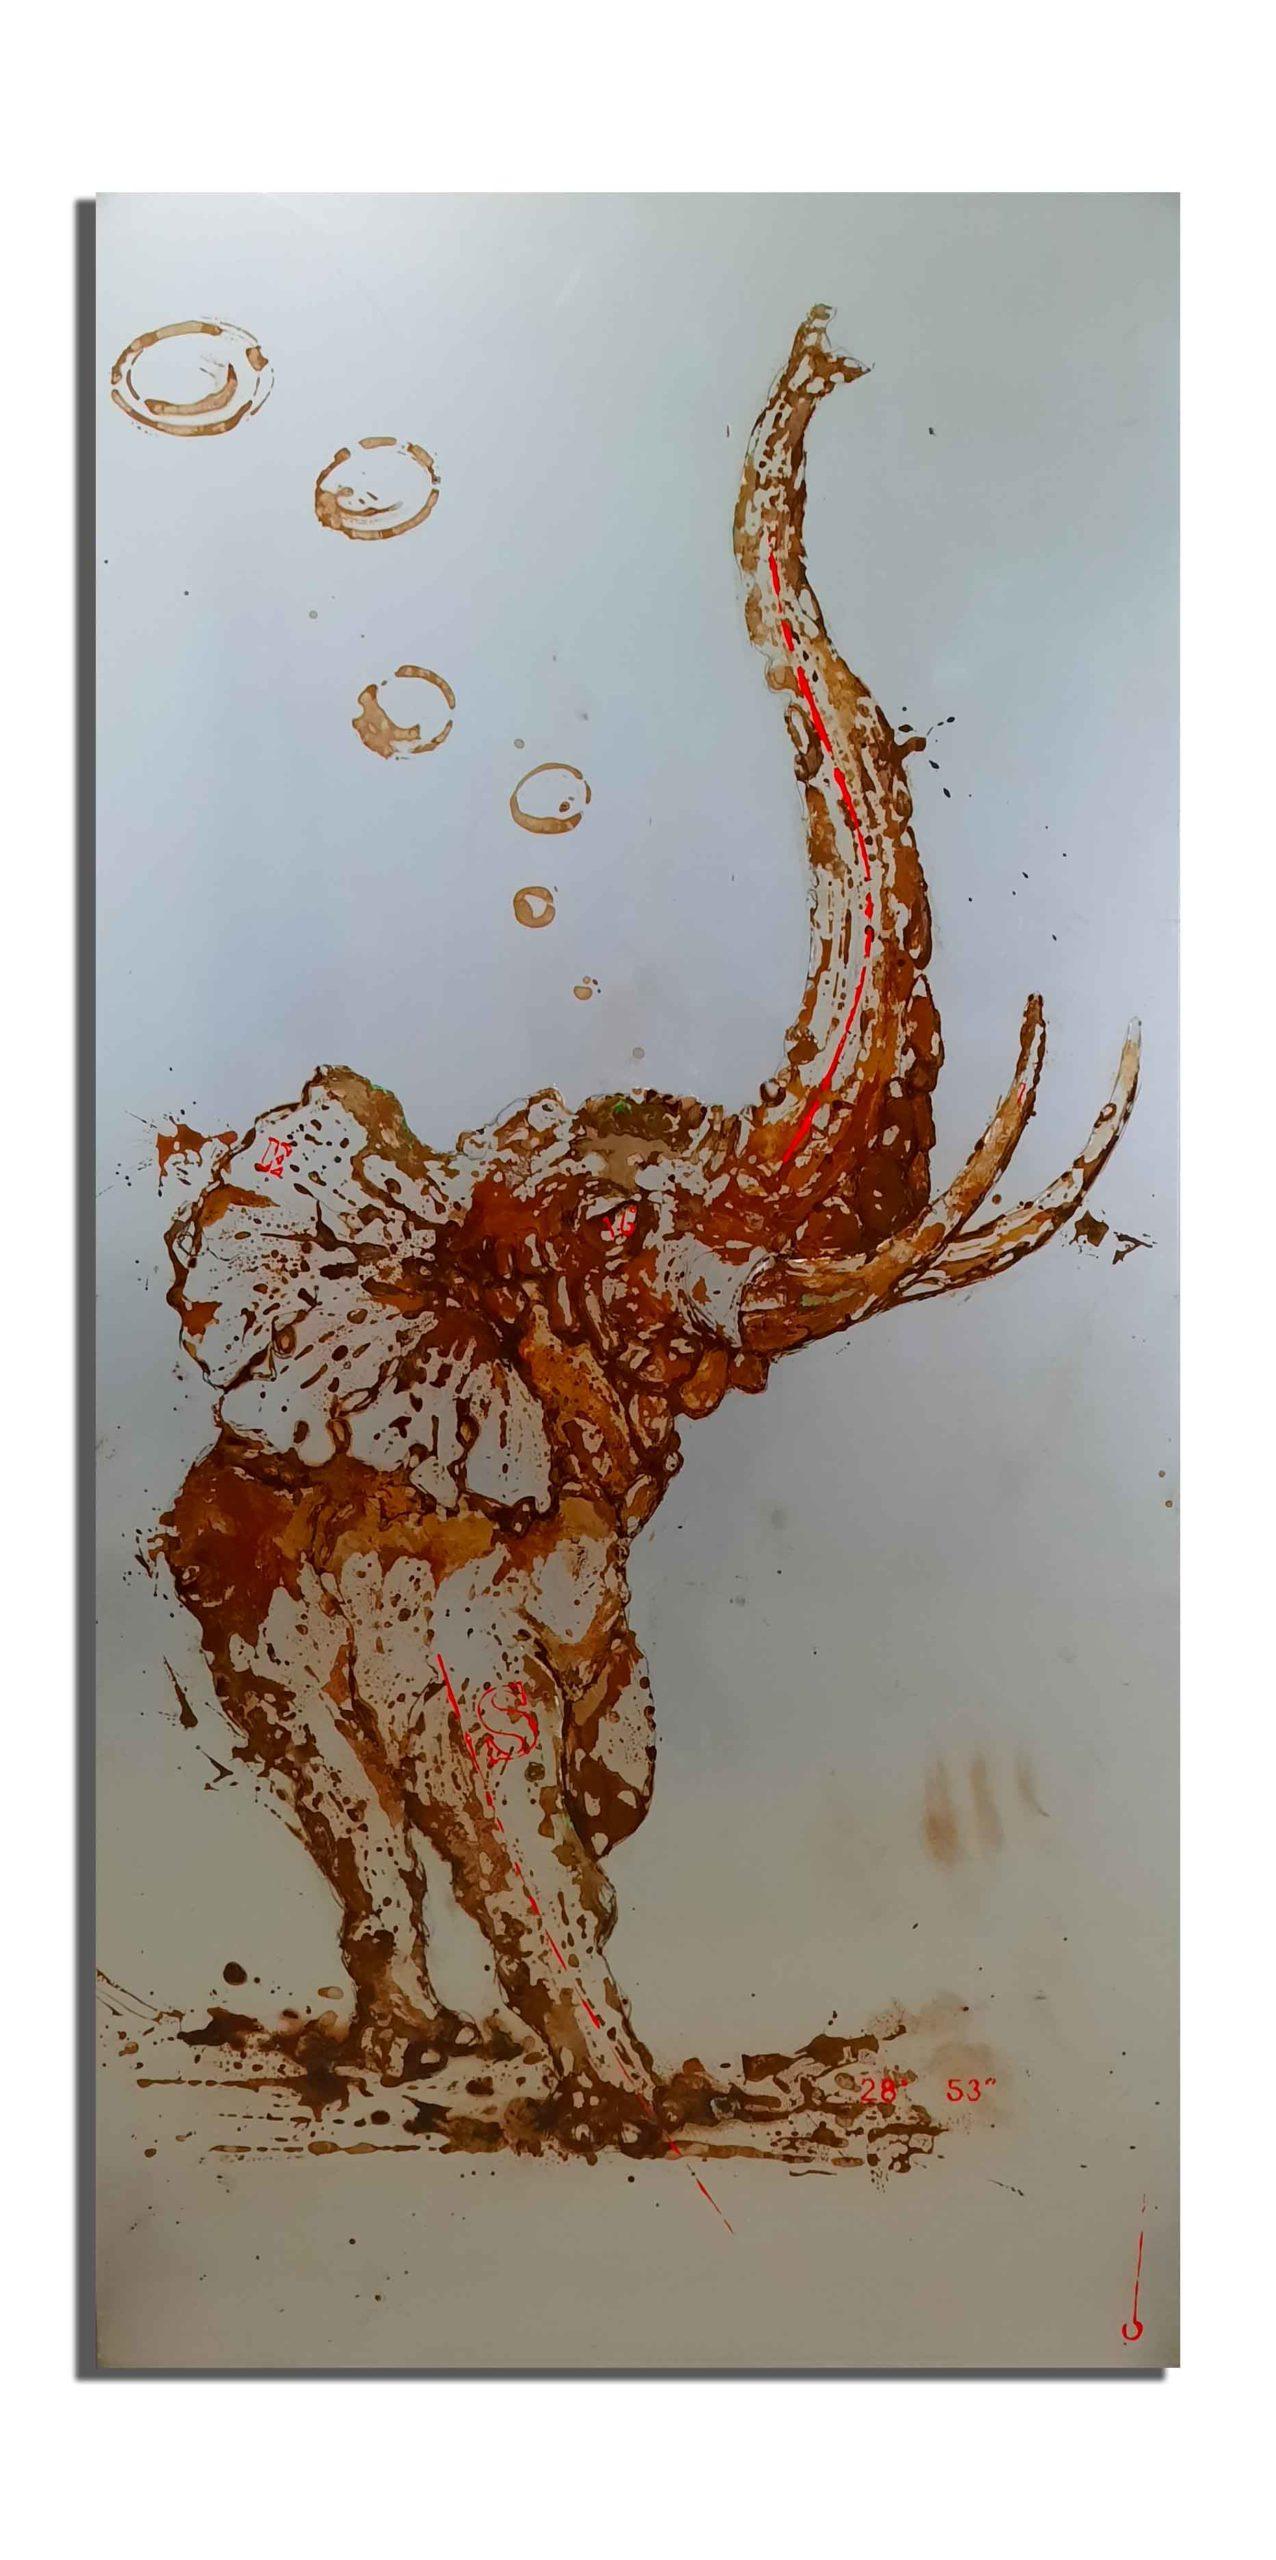 50x100 - éléphant de rouille - vinaigre et eau du Zambèze (Zimbabwe), projet Water Is Life, Christophe Monteil, Art 4 nature